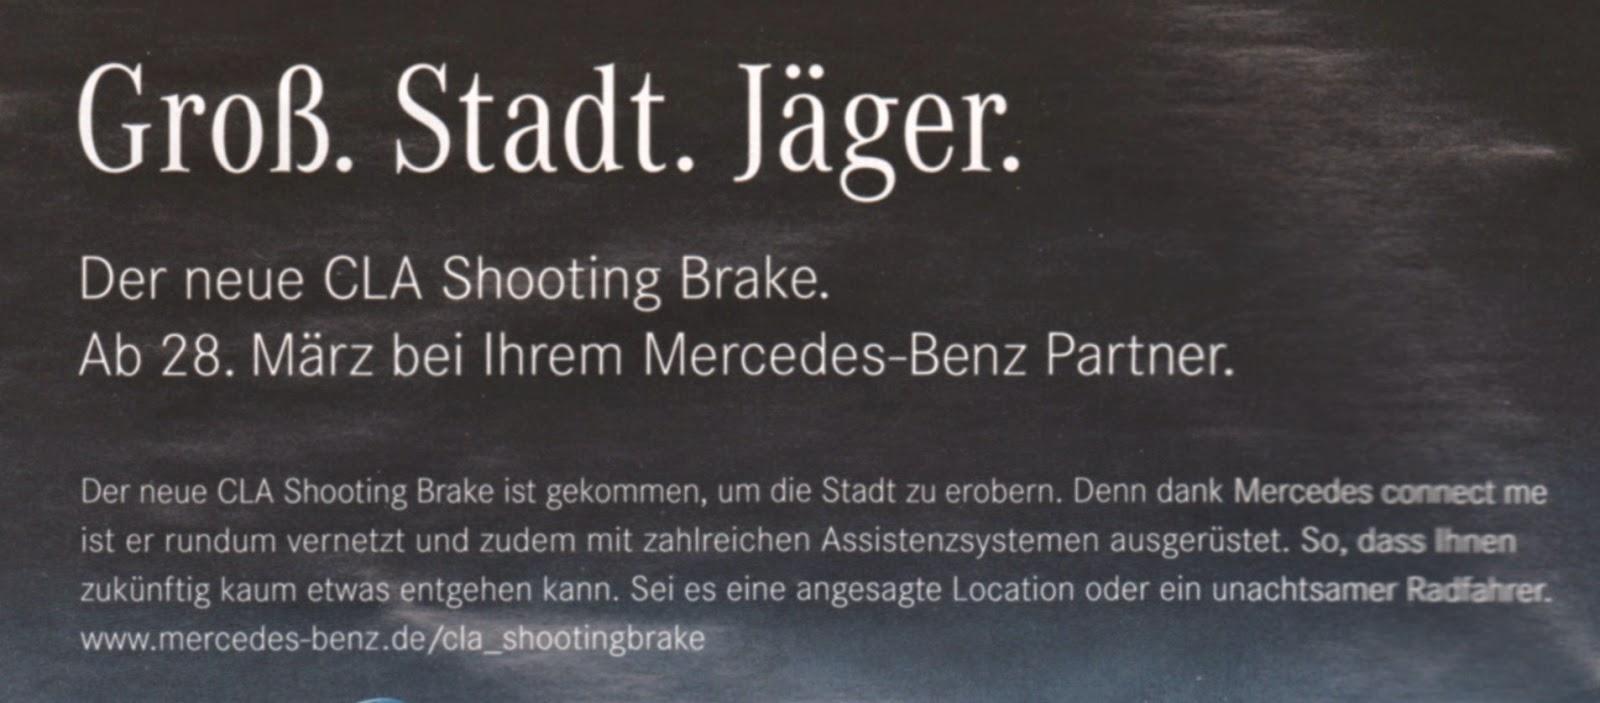 Mit dem Shooting Brake auf Radfahrerjagd in der Großstadt